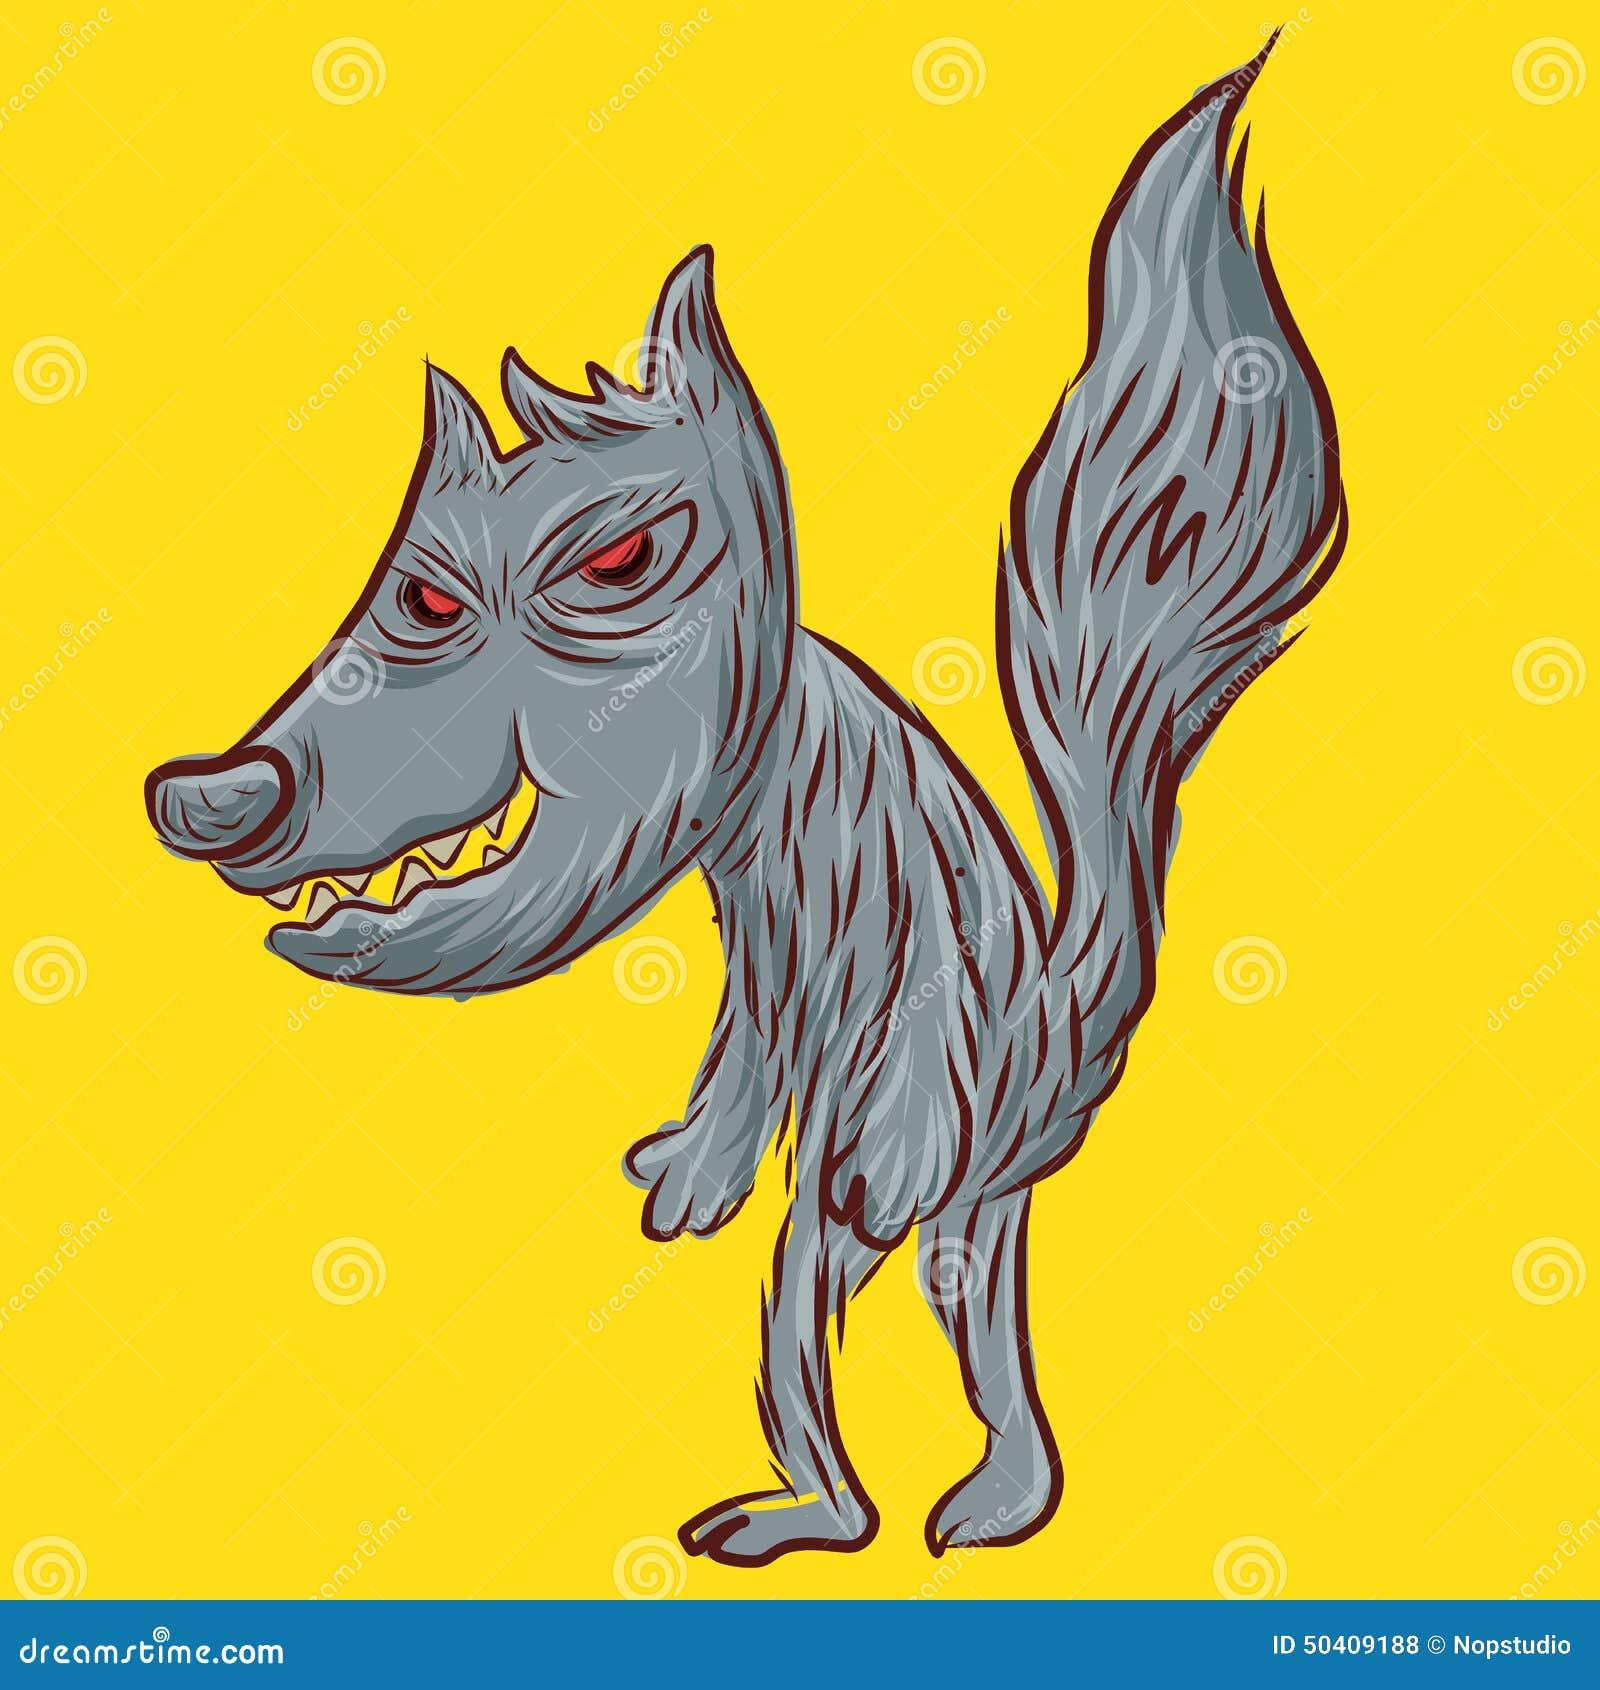 黄色片五太狼_坏狼,乱画狼,在黄色背景的动画片.